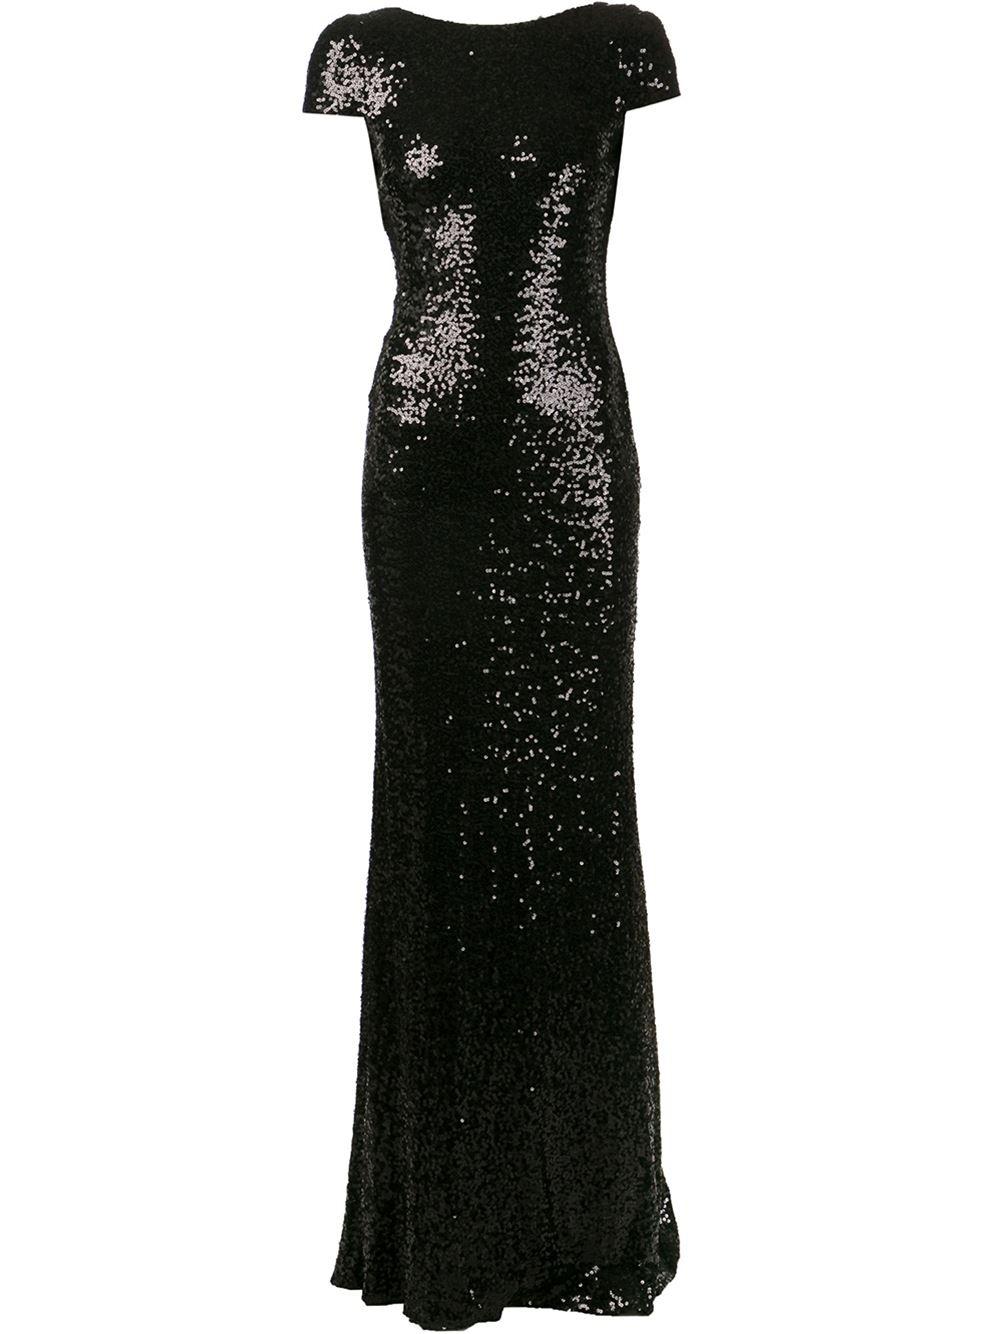 بالصور موديلات فساتين مخمل طويل , اروع فستان مخملى 3177 9